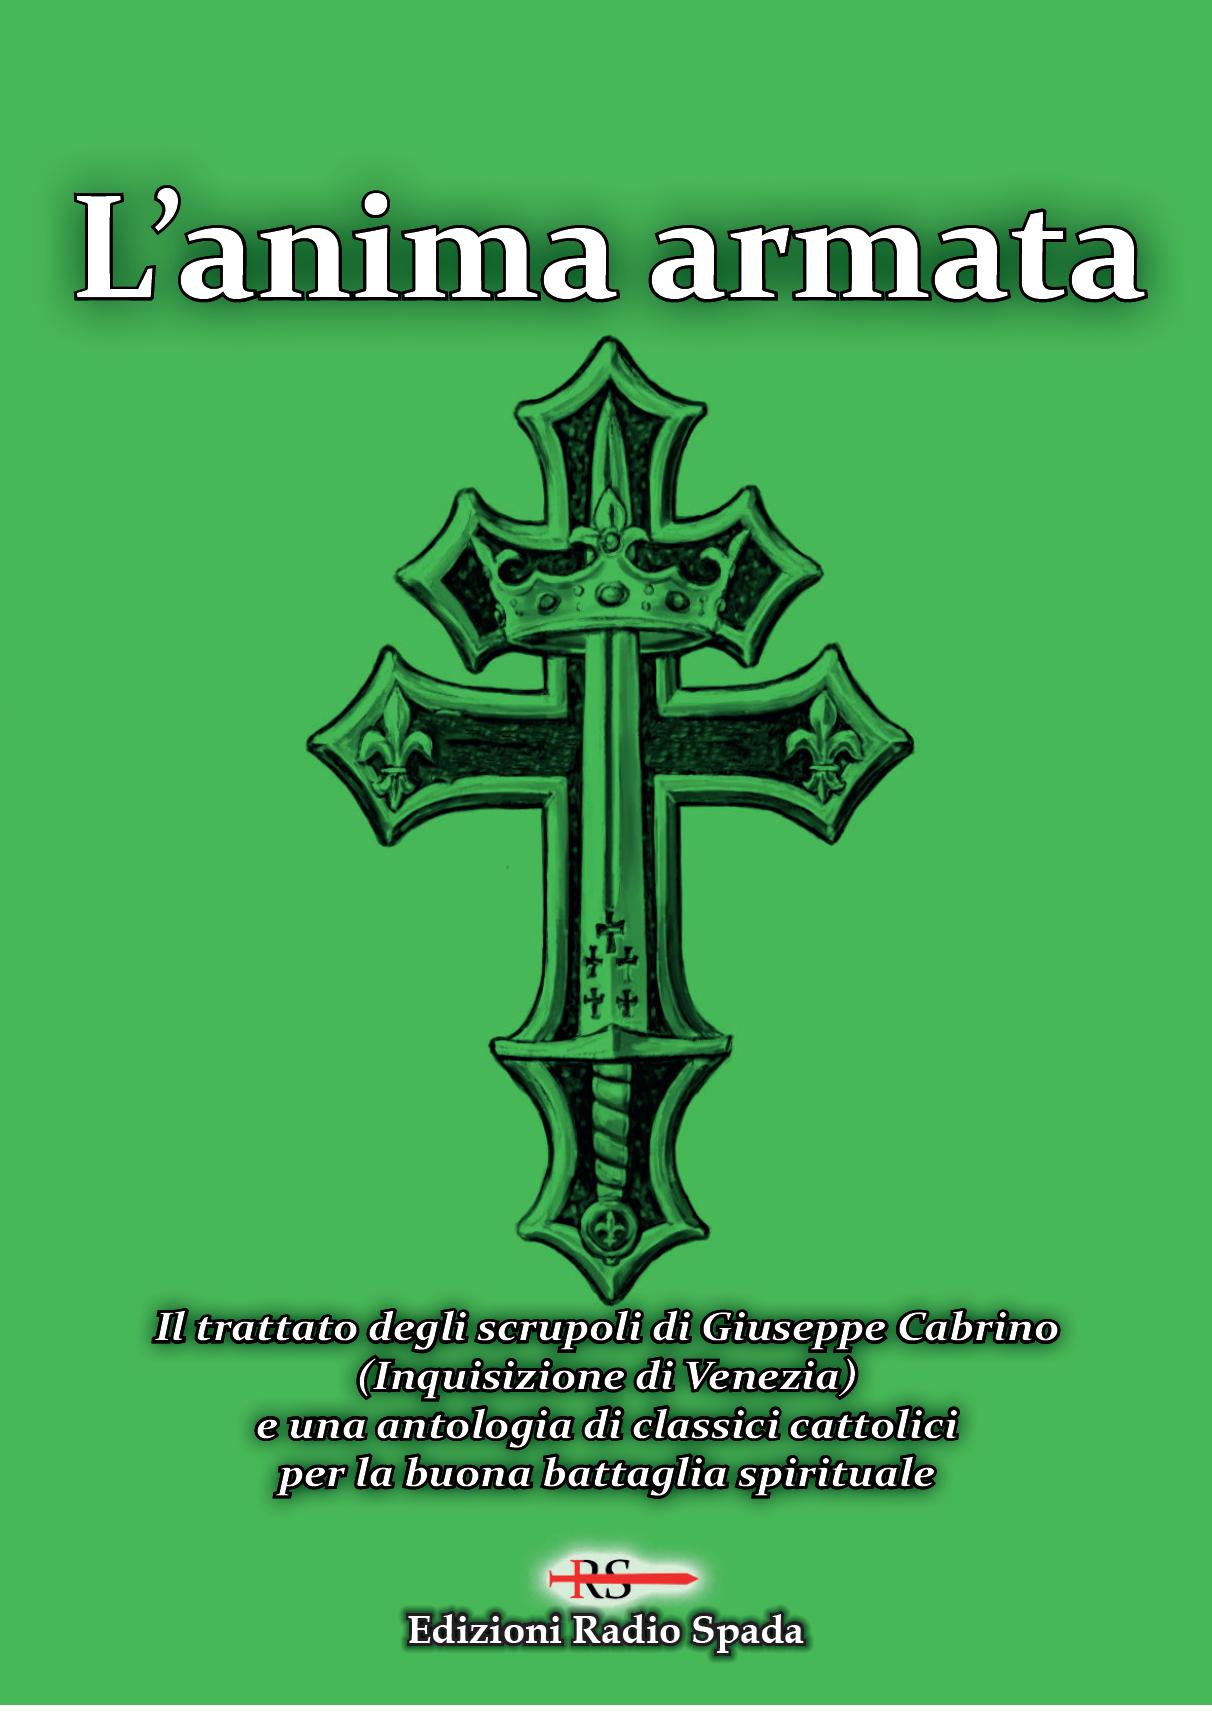 L'anima armata. Il trattato degli scrupoli di Giuseppe Cabrino (Inquisizione di Venezia) e una antologia di classici cattolici per la buona battaglia spirituale